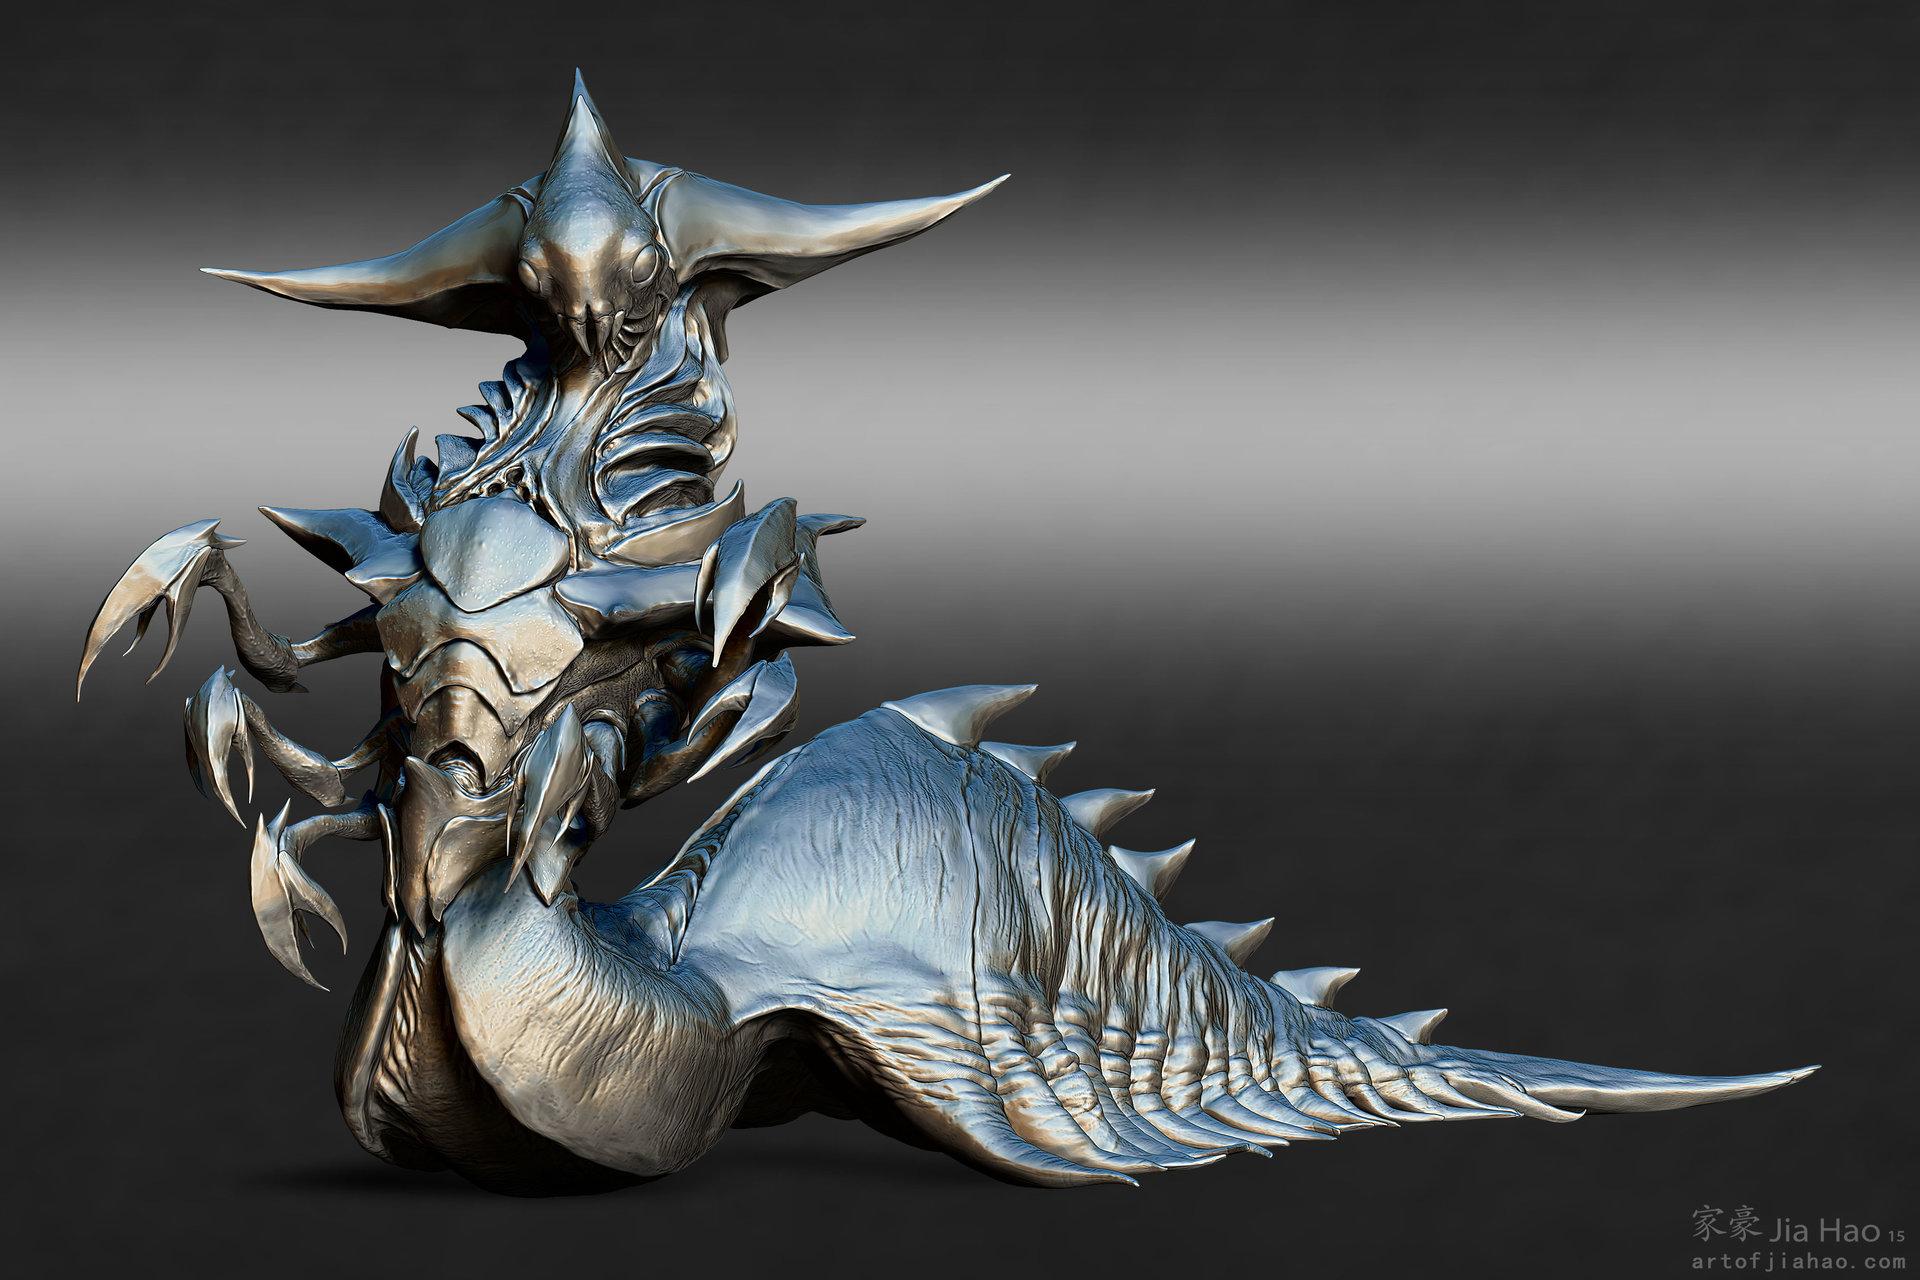 Jia hao 2015 09 insectqueen designpresentations sculpt 01